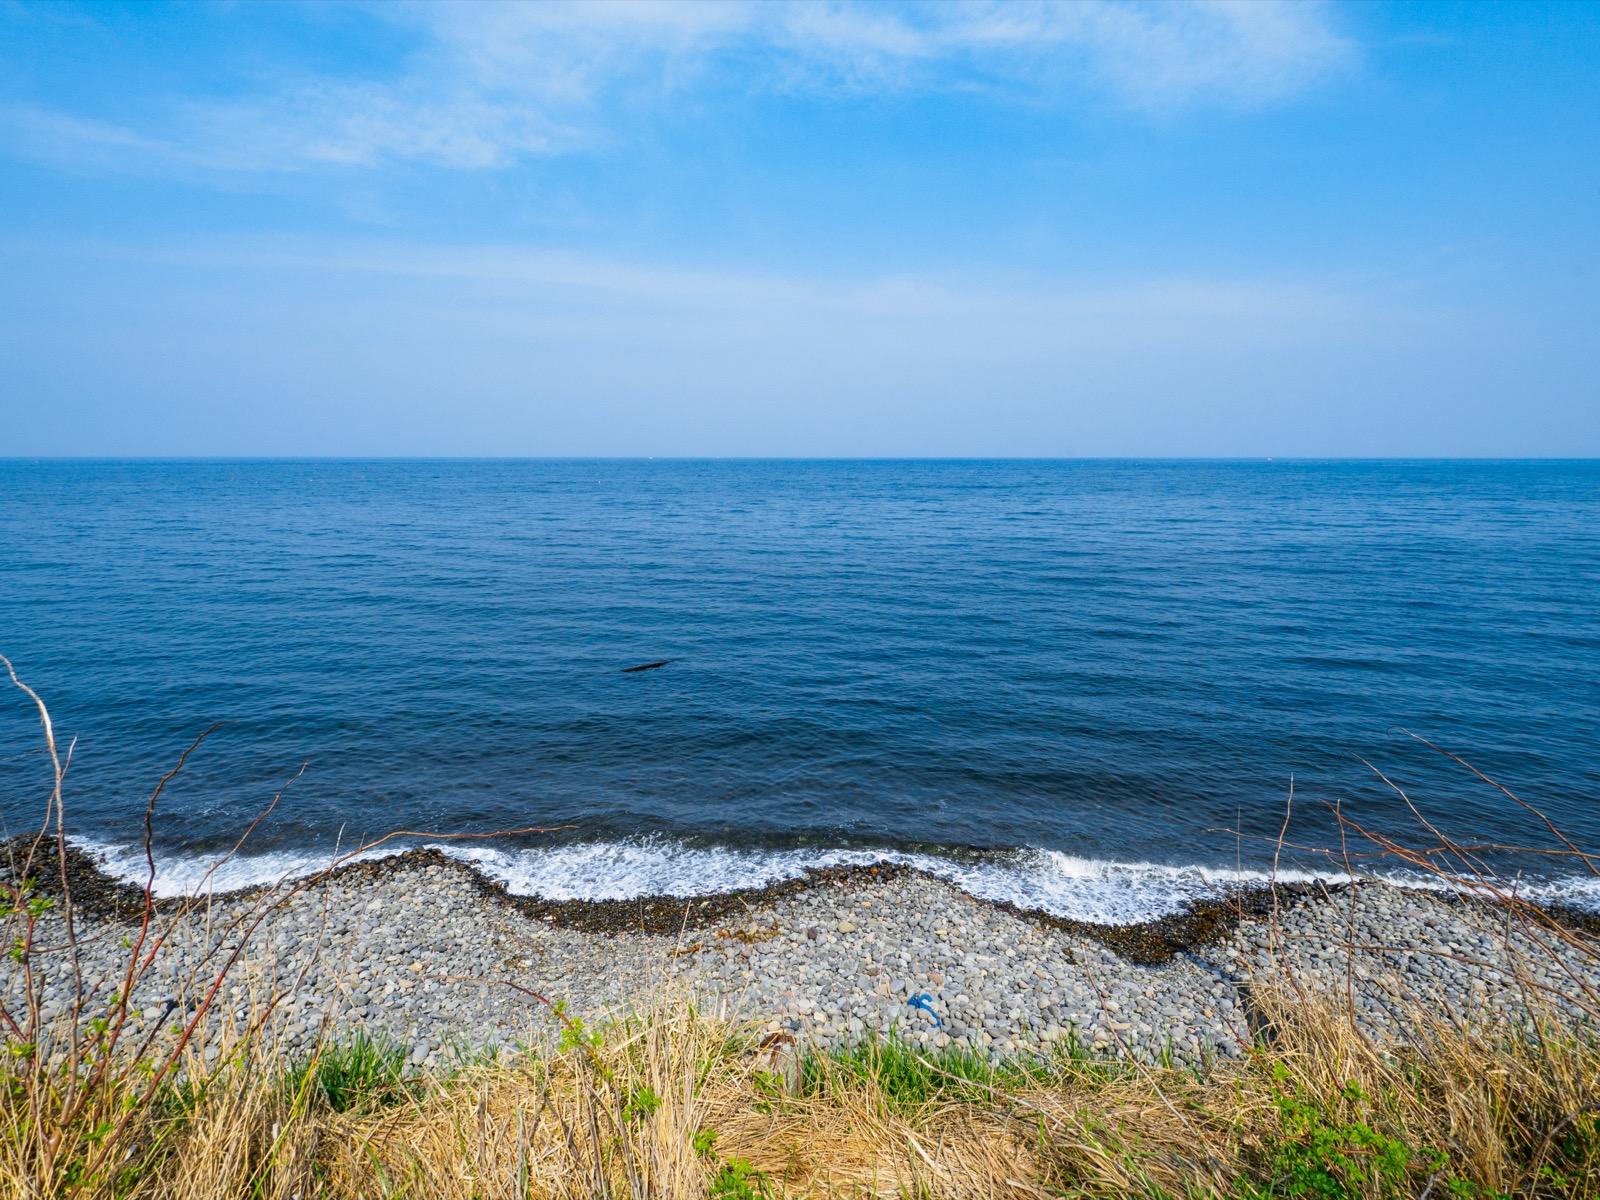 石倉駅前から見た噴火湾(内浦湾)